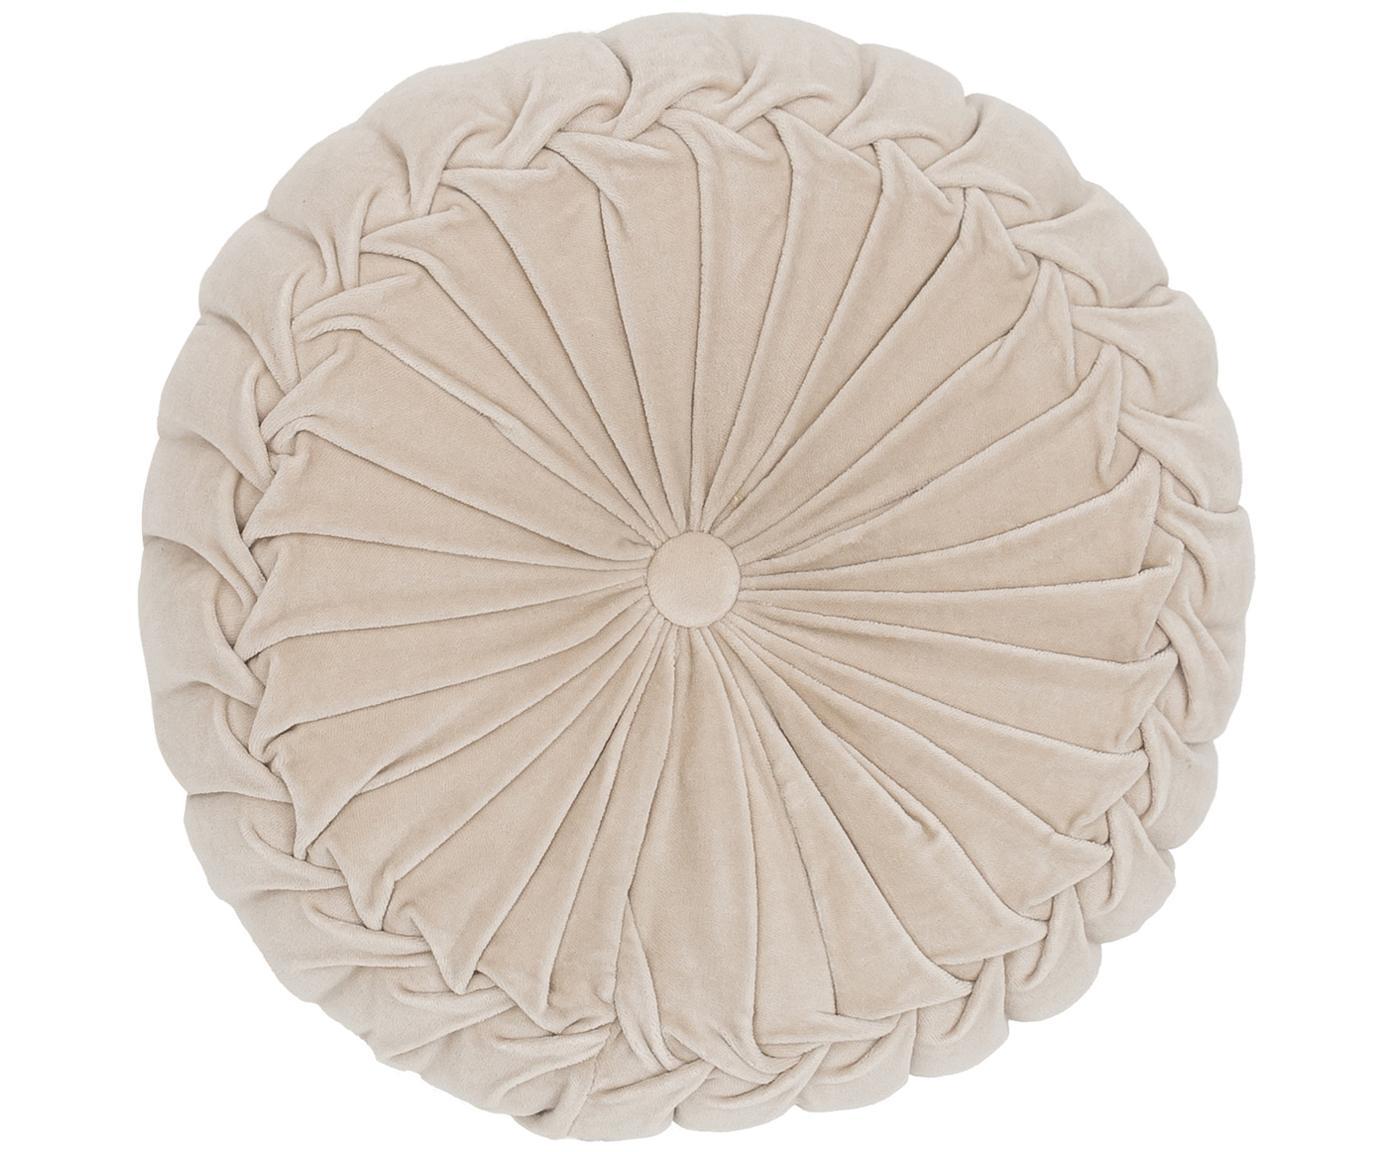 Rond fluwelen kussen Kanan met plooien, met vulling, Crèmekleurig, Ø 40 x H 10 cm